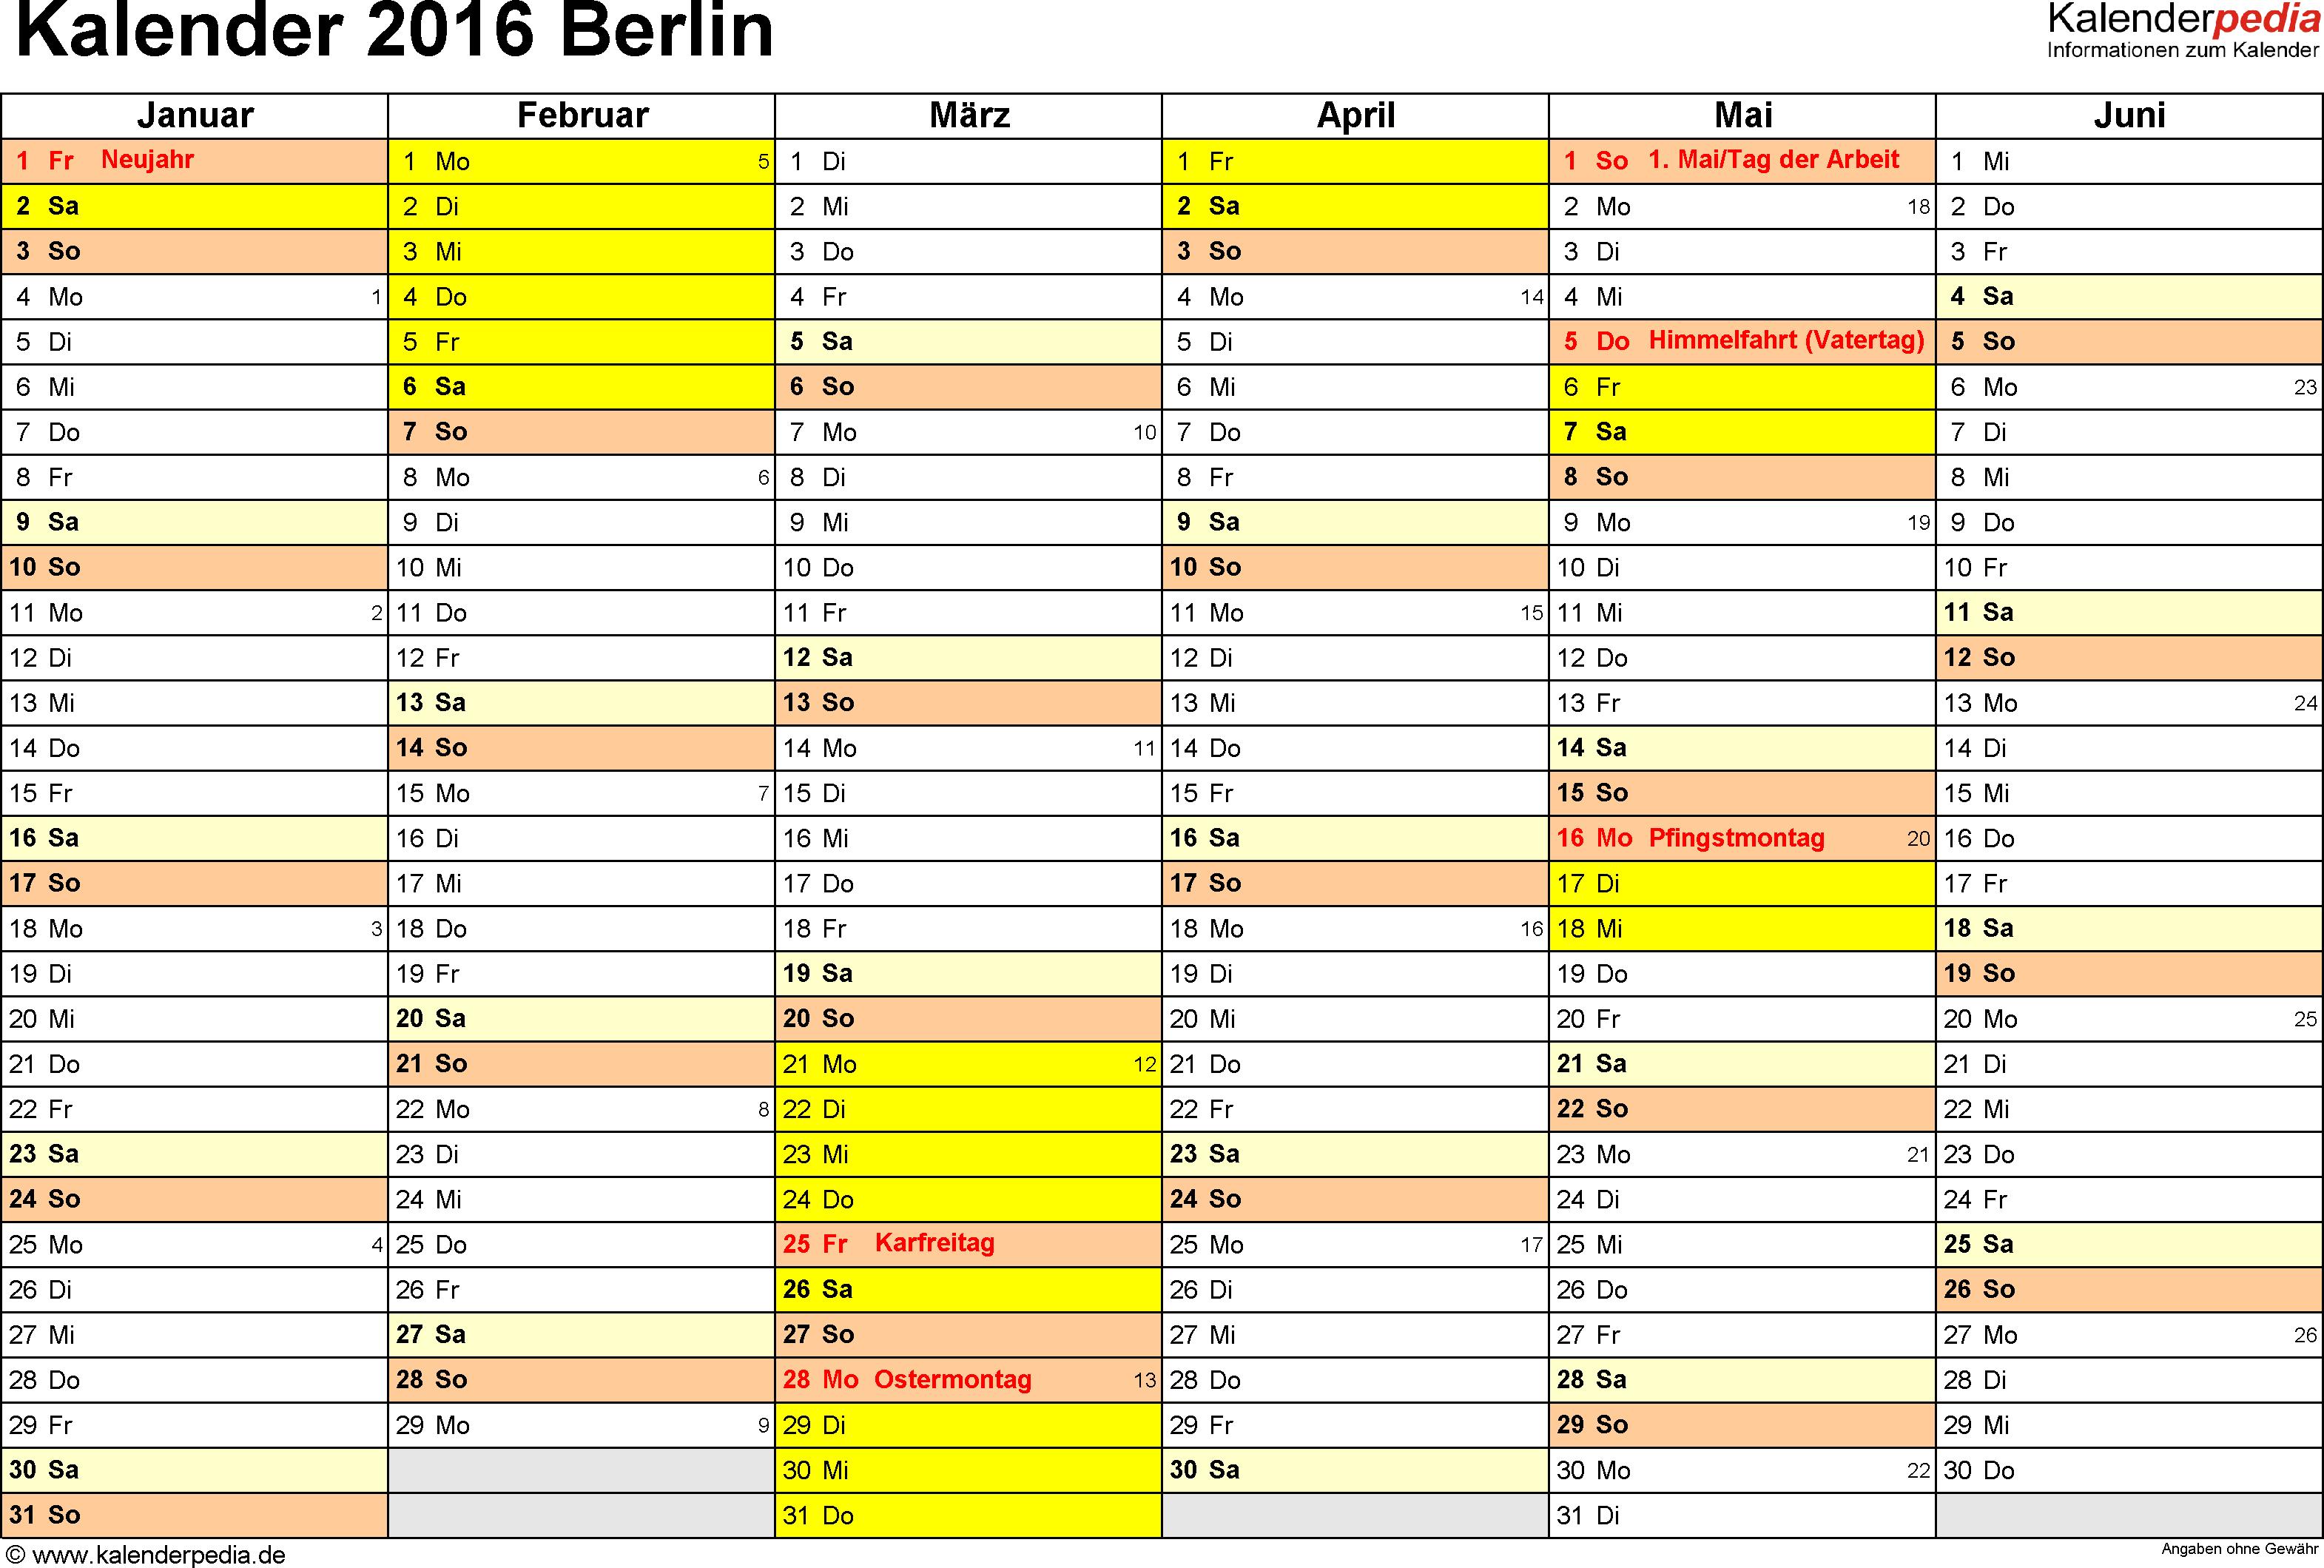 Vorlage 2: Kalender 2016 für Berlin als PDF-Vorlage (Querformat, 2 Seiten)